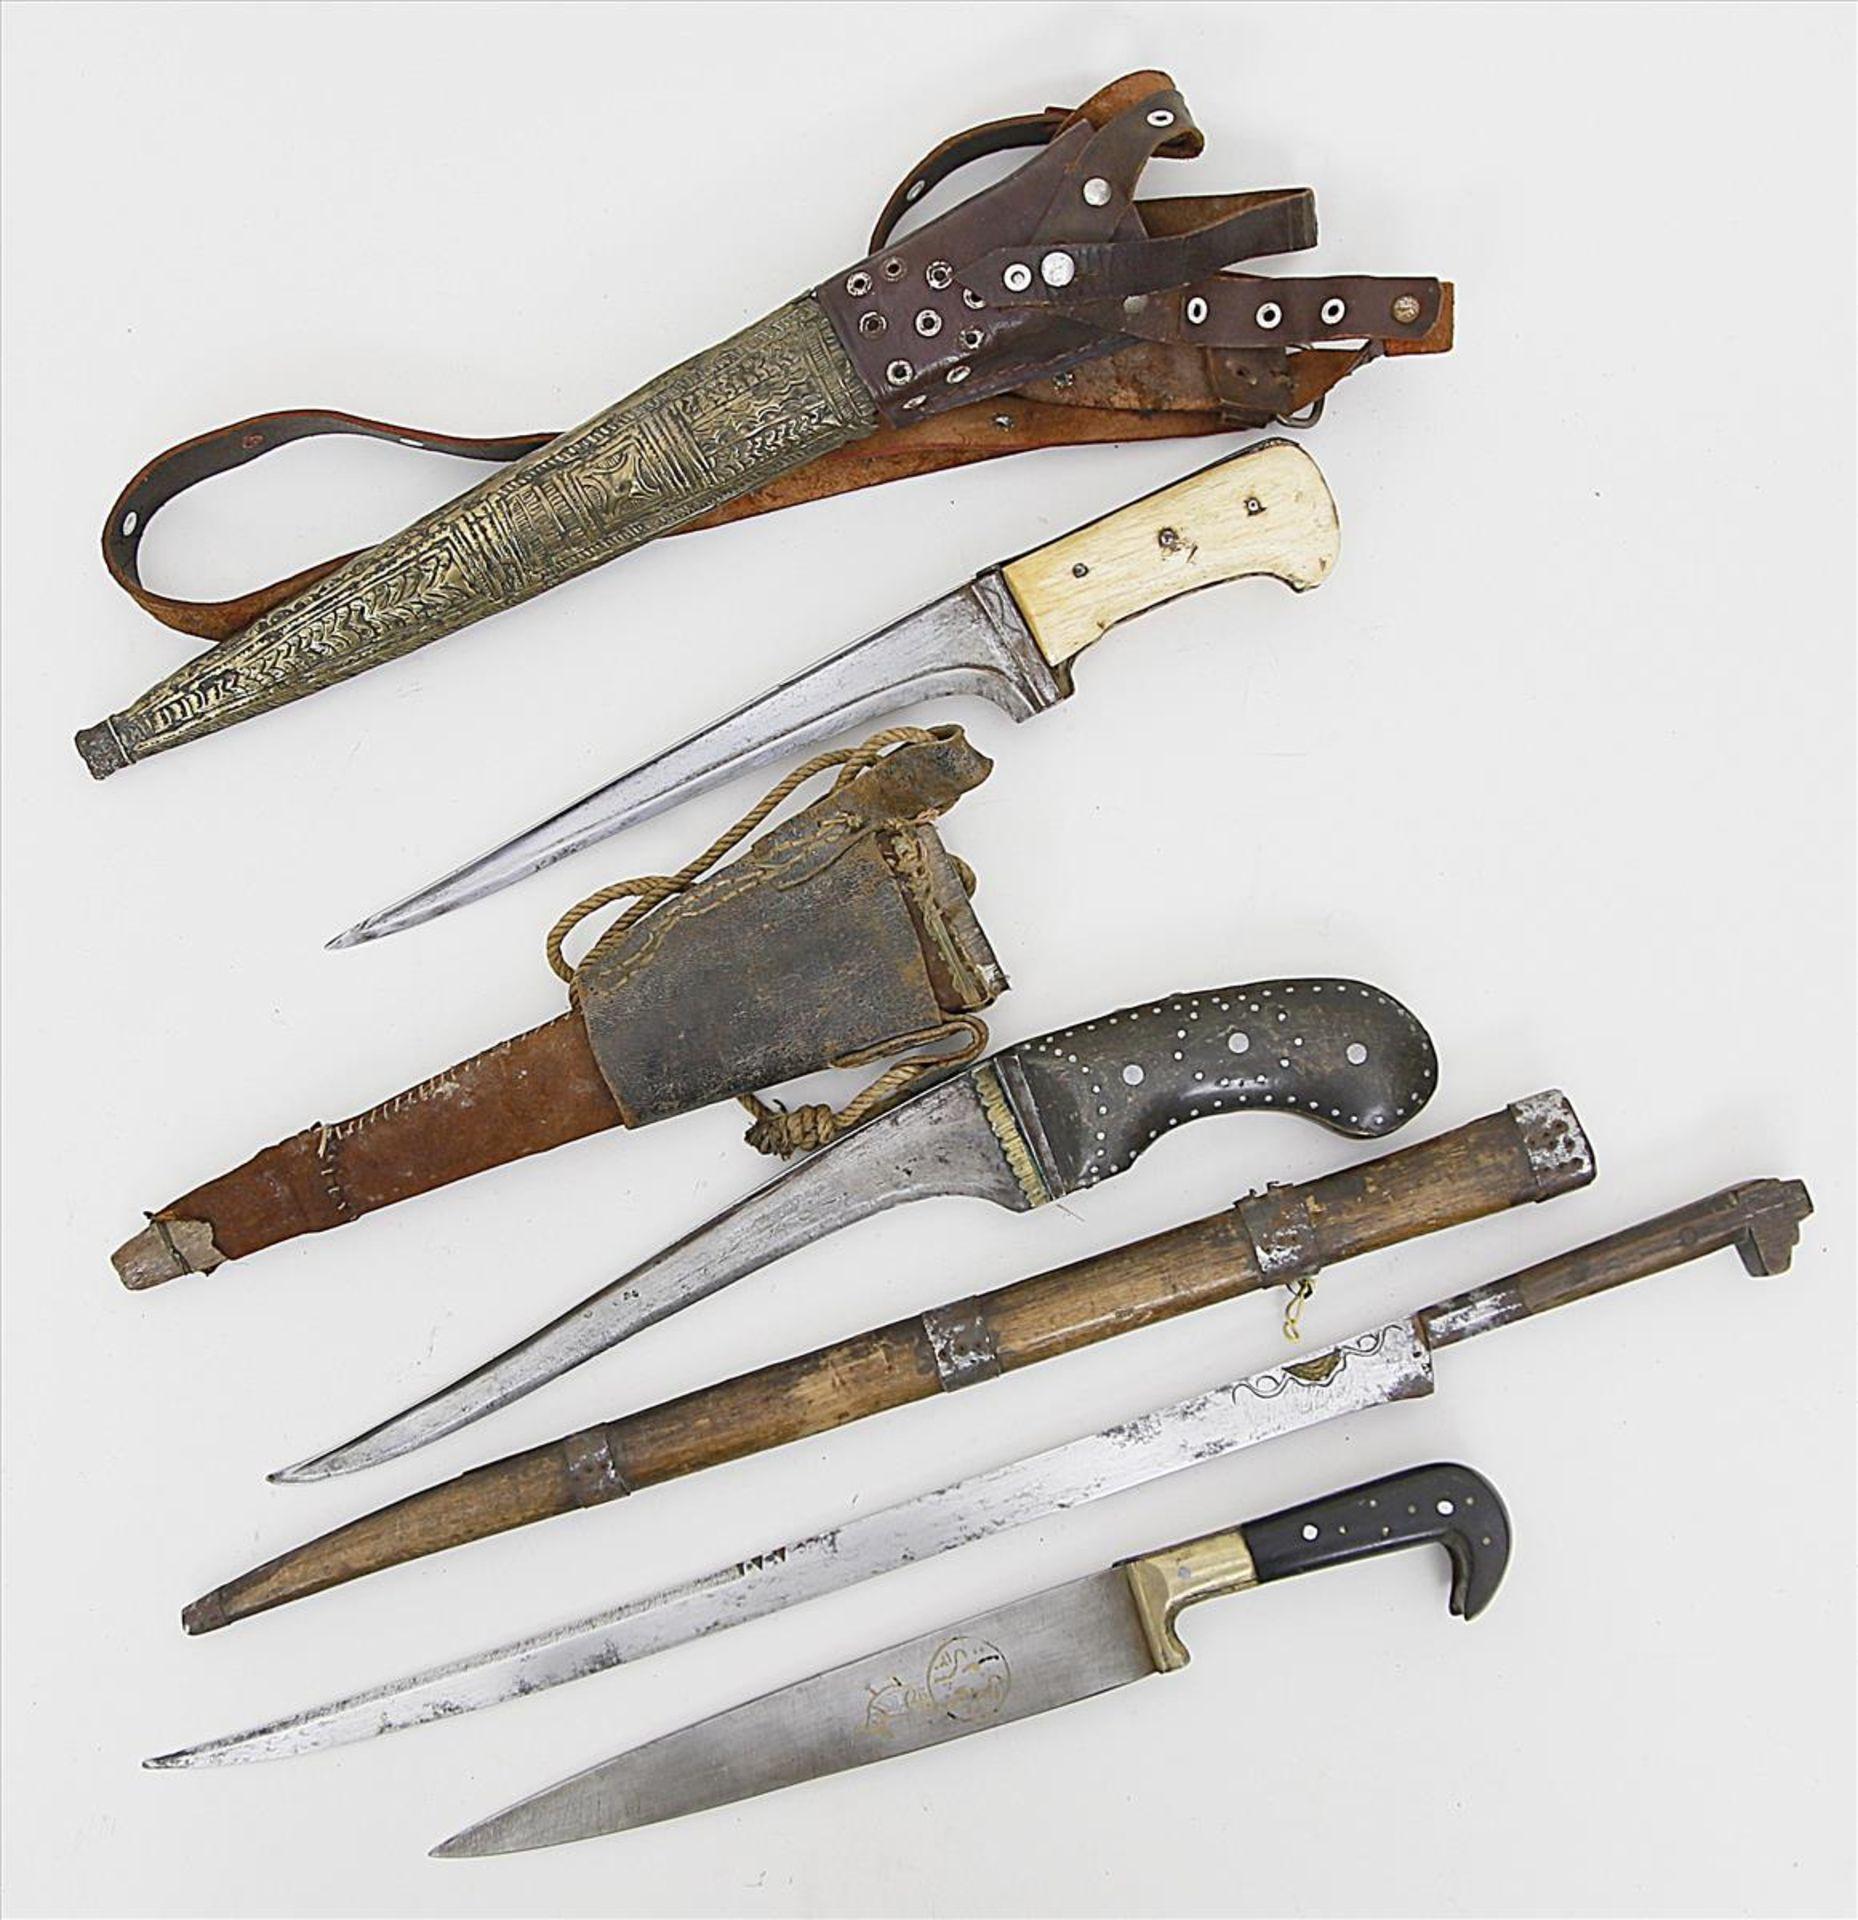 Los 1556 - Drei Khyber- und ein Flyssa-Messer.Einschneidige Eisenklingen. Geschnitzte Holz- bzw. Beingriffe mit